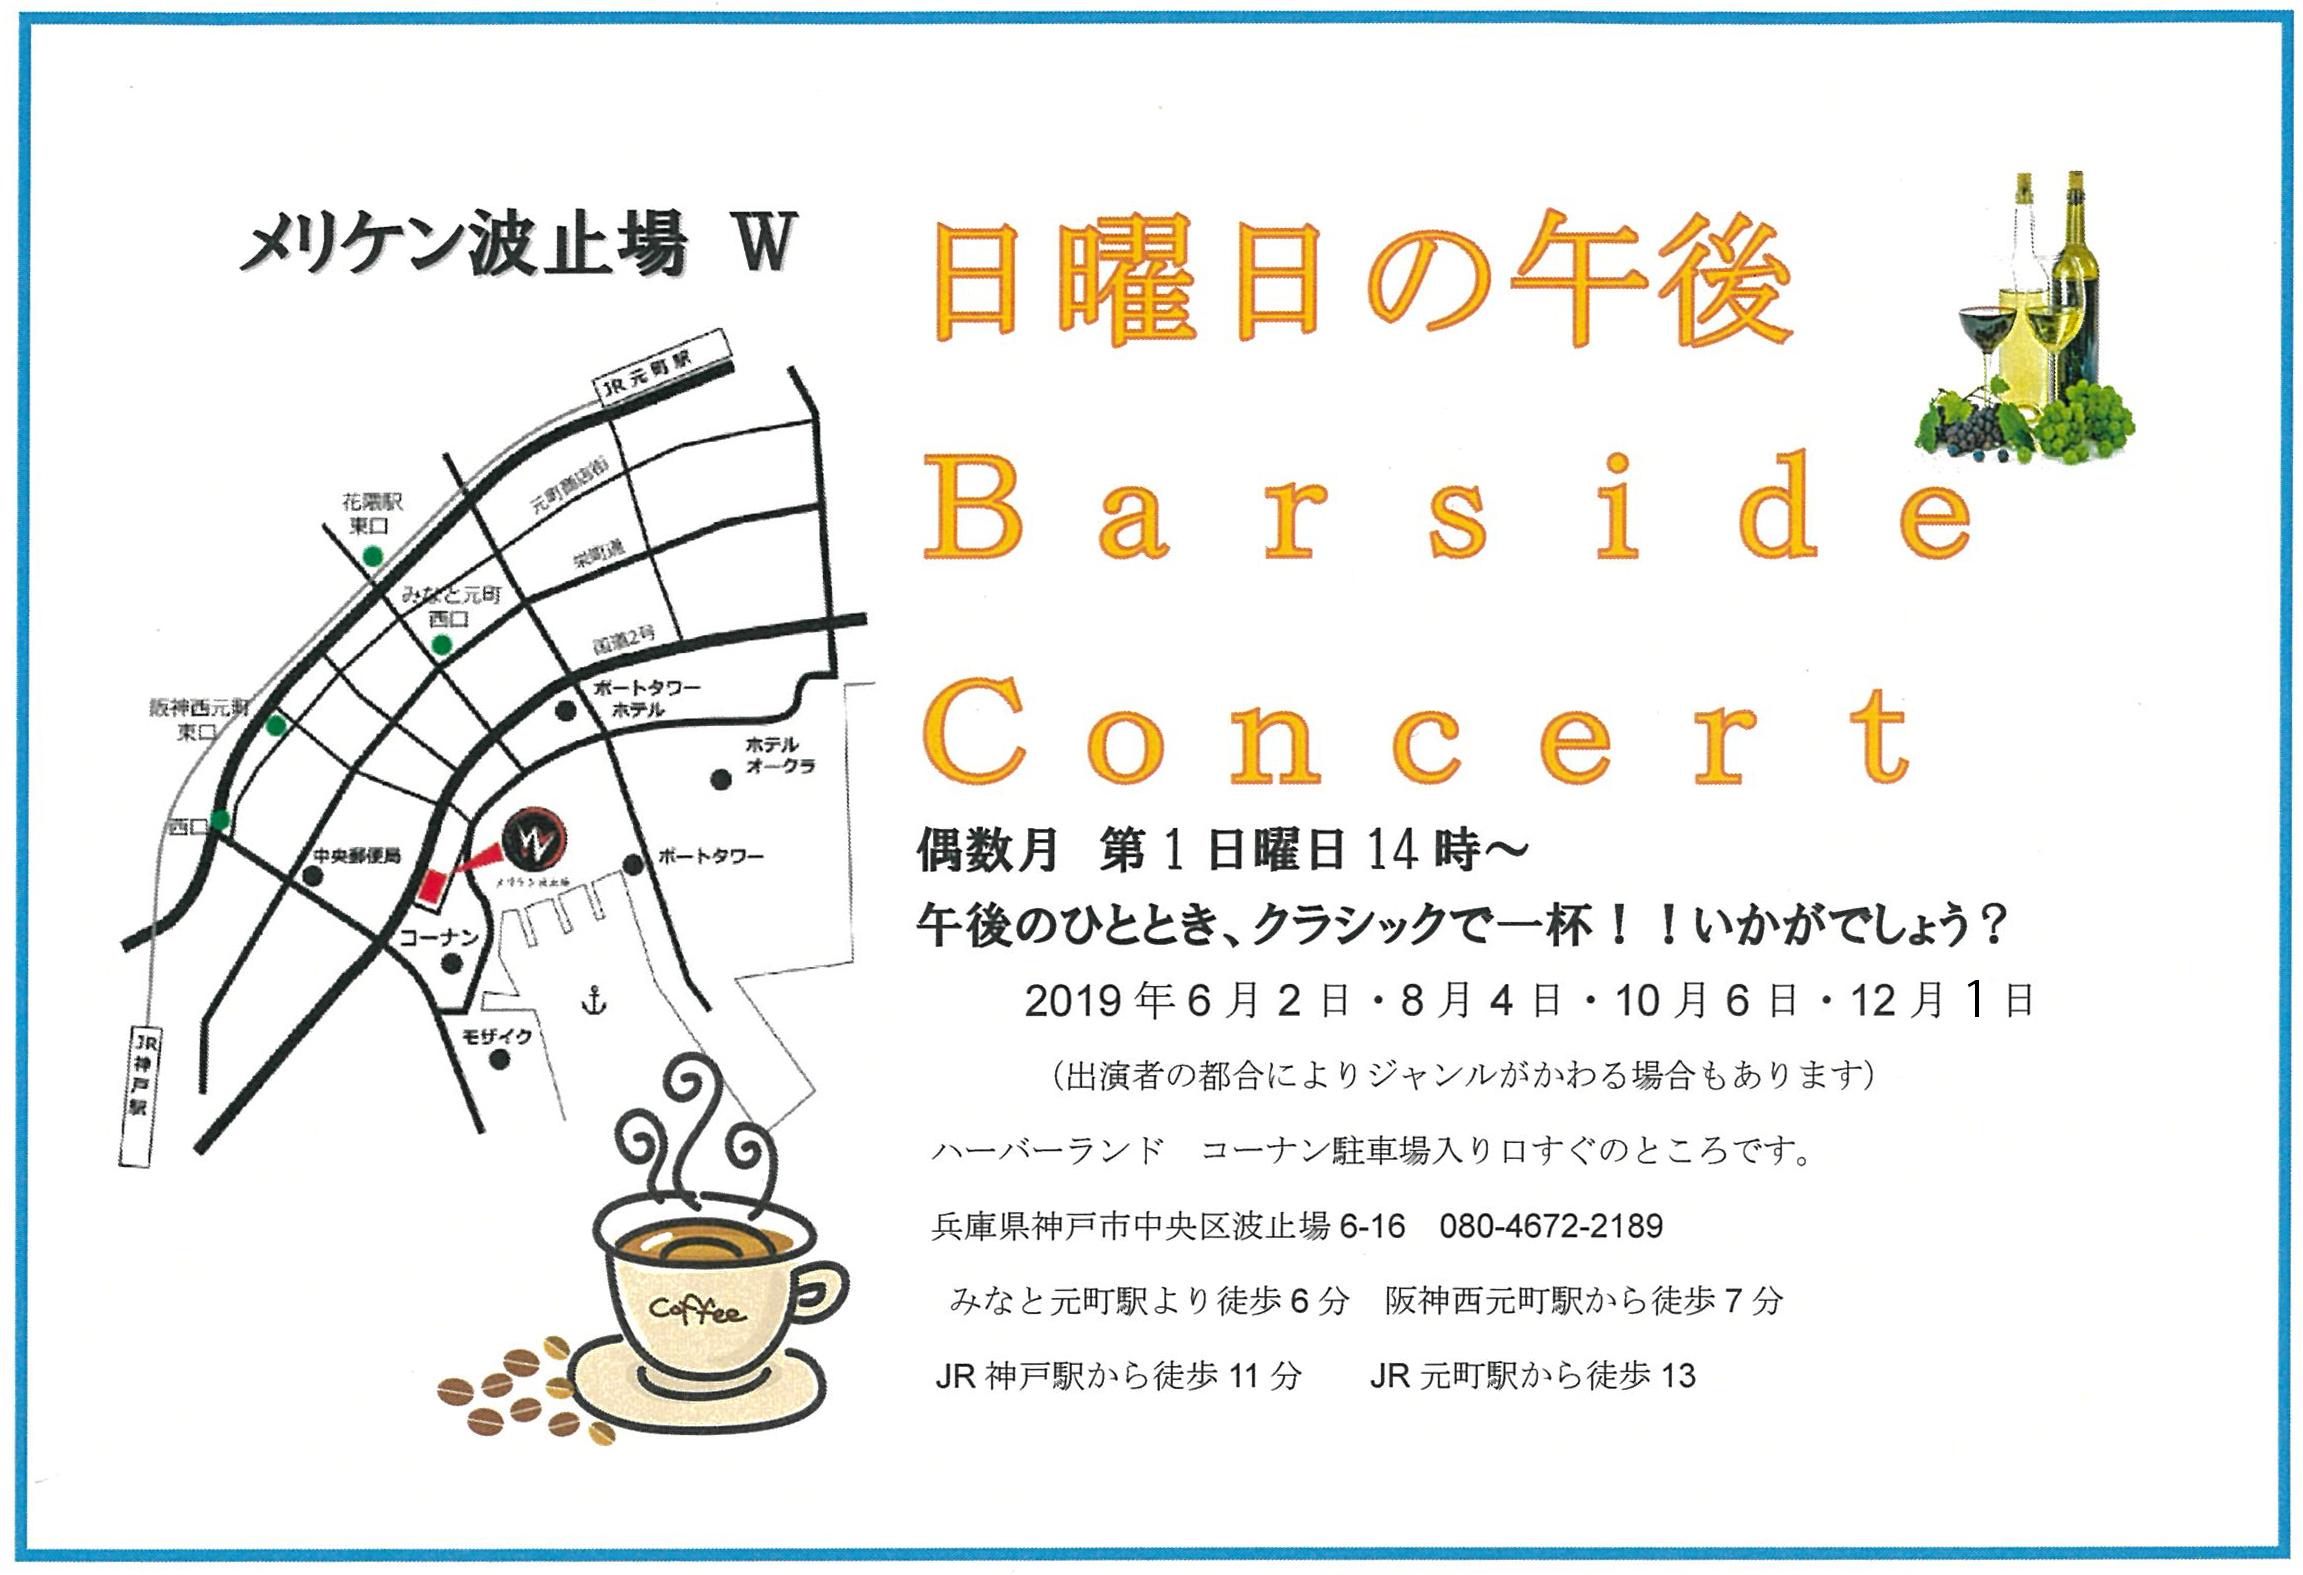 Barside Concert